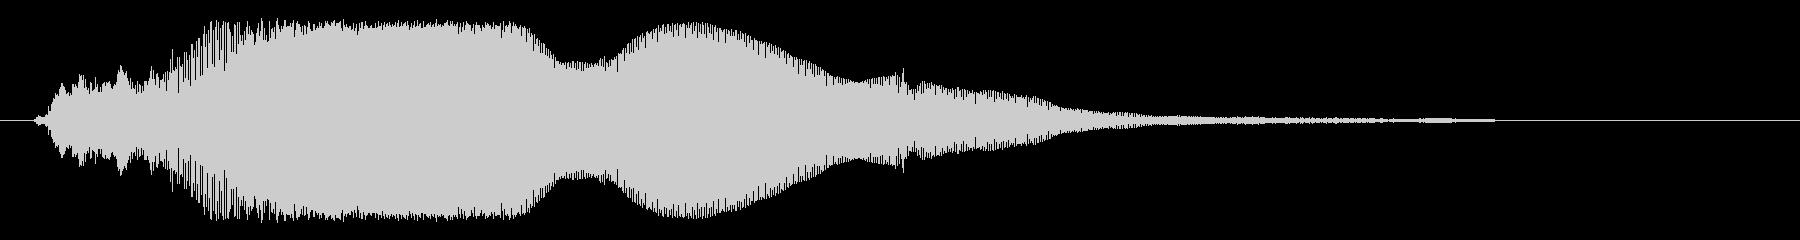 キンというガラスの音の未再生の波形